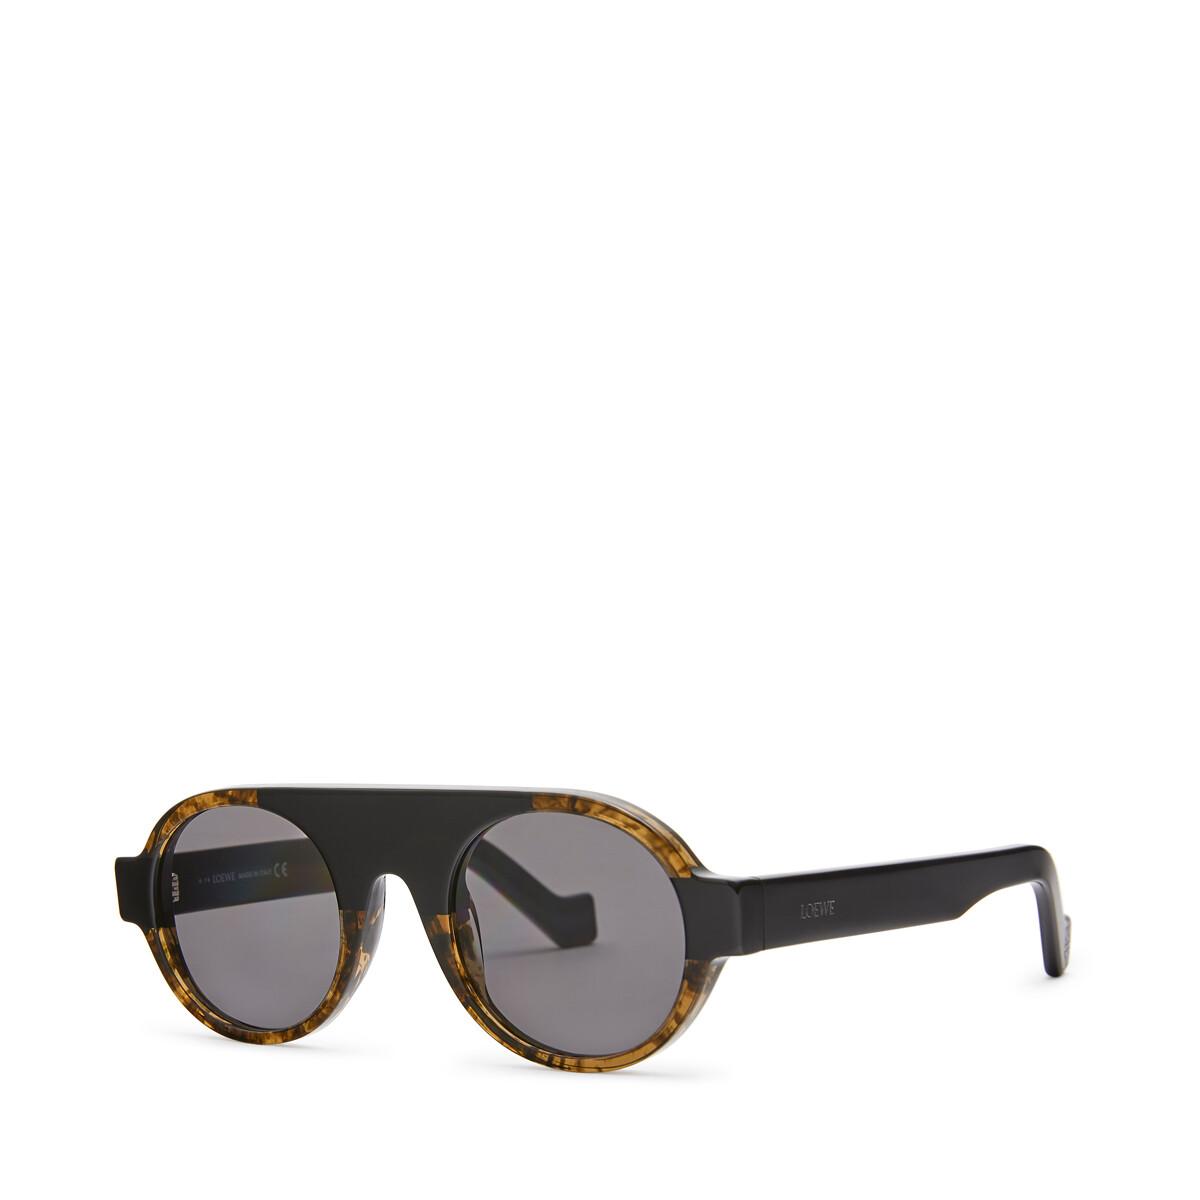 LOEWE Round Aviator Sunglasses Black front